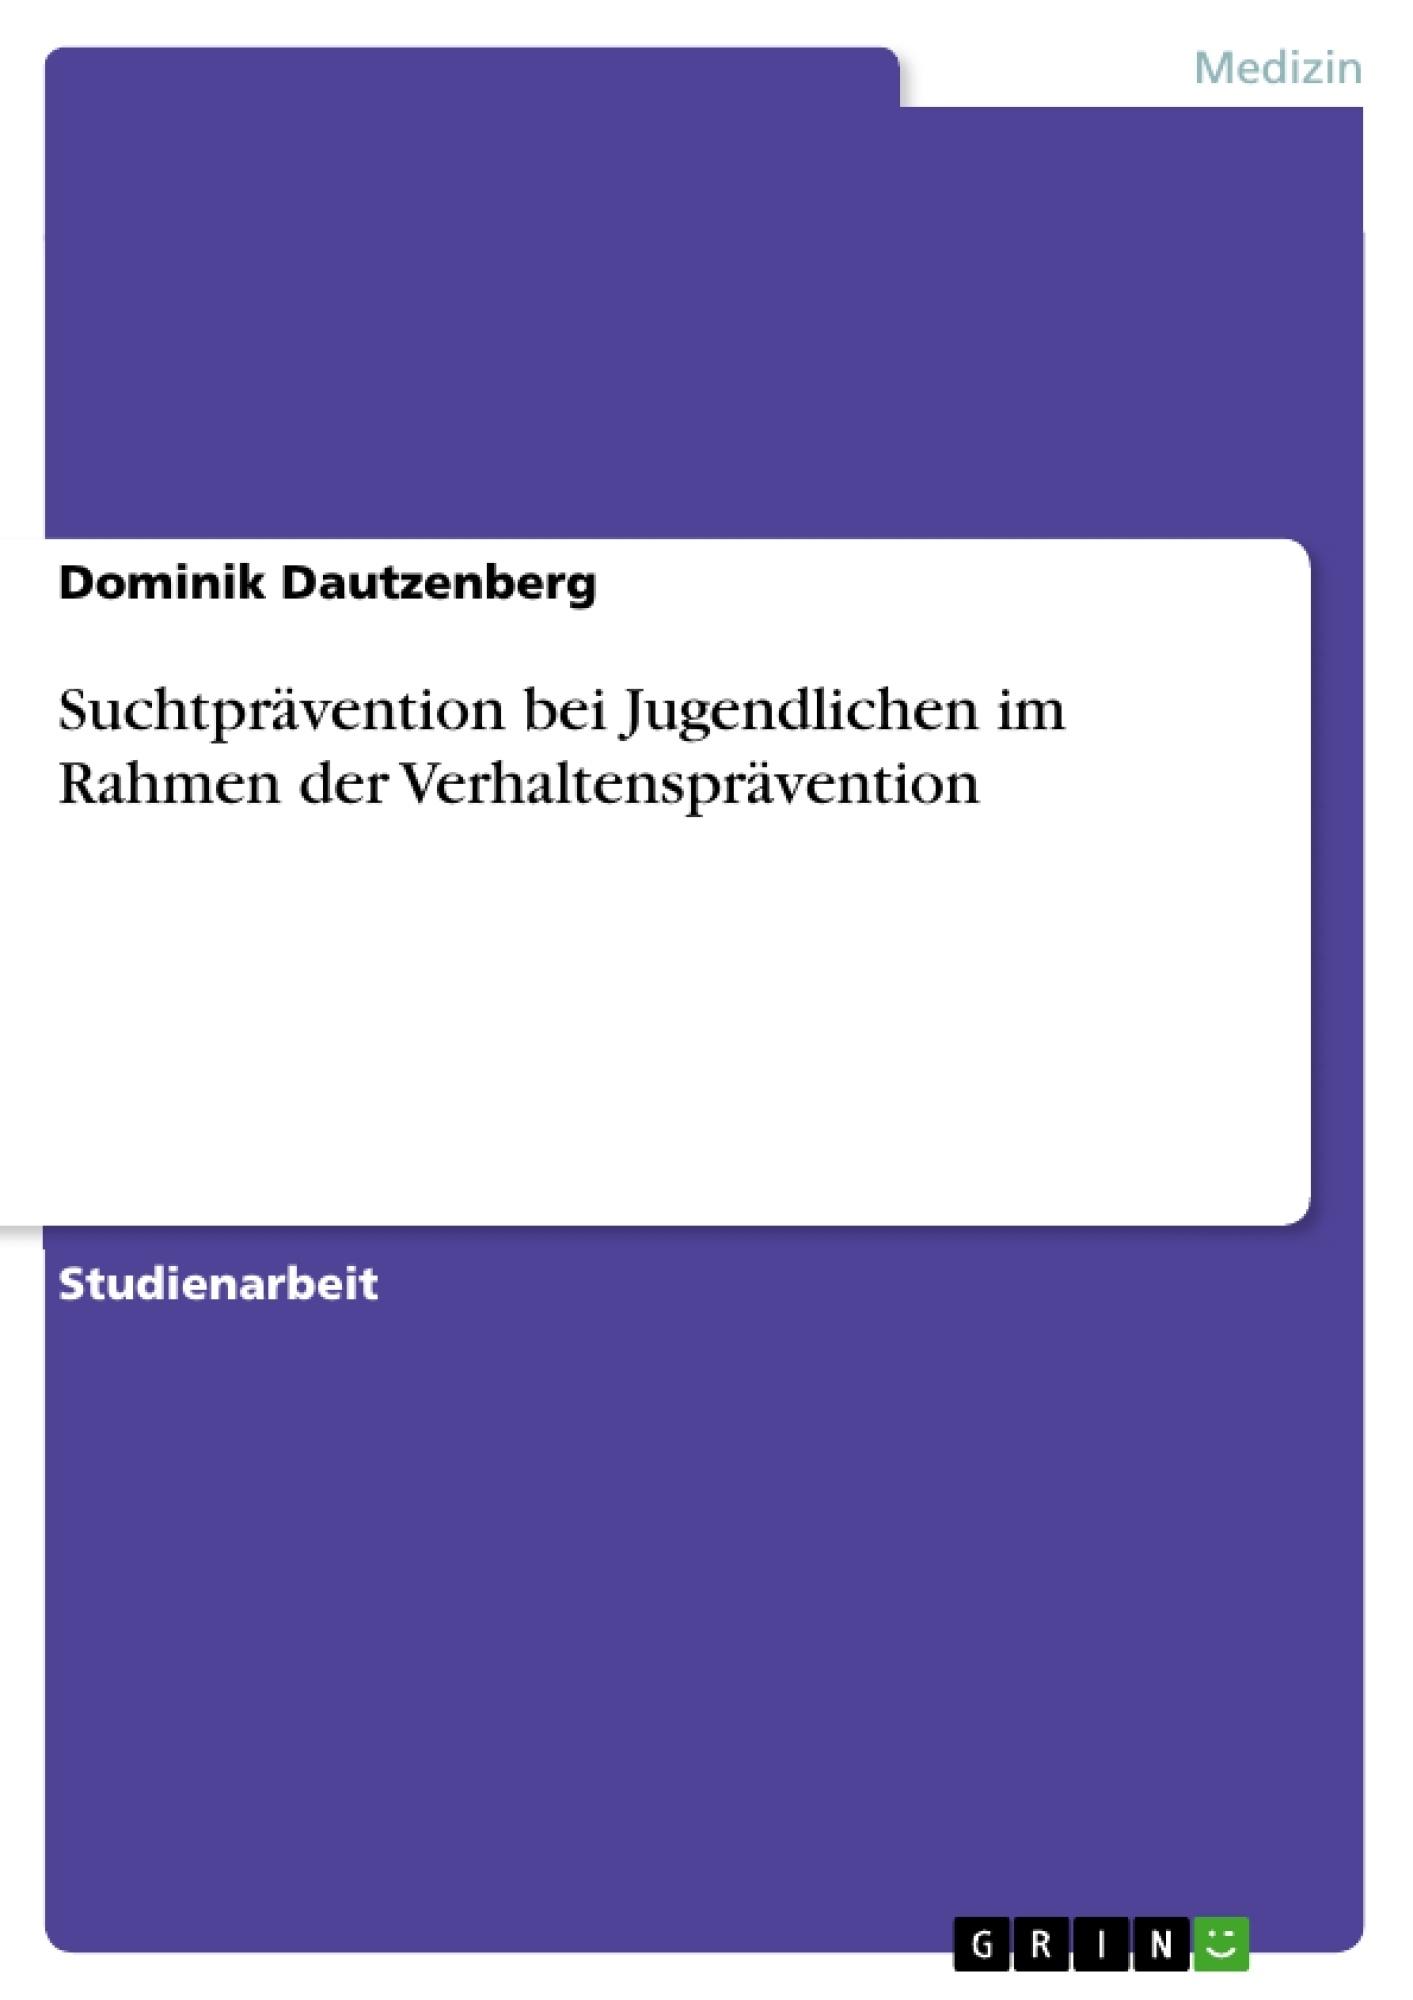 Titel: Suchtprävention bei Jugendlichen im Rahmen der  Verhaltensprävention